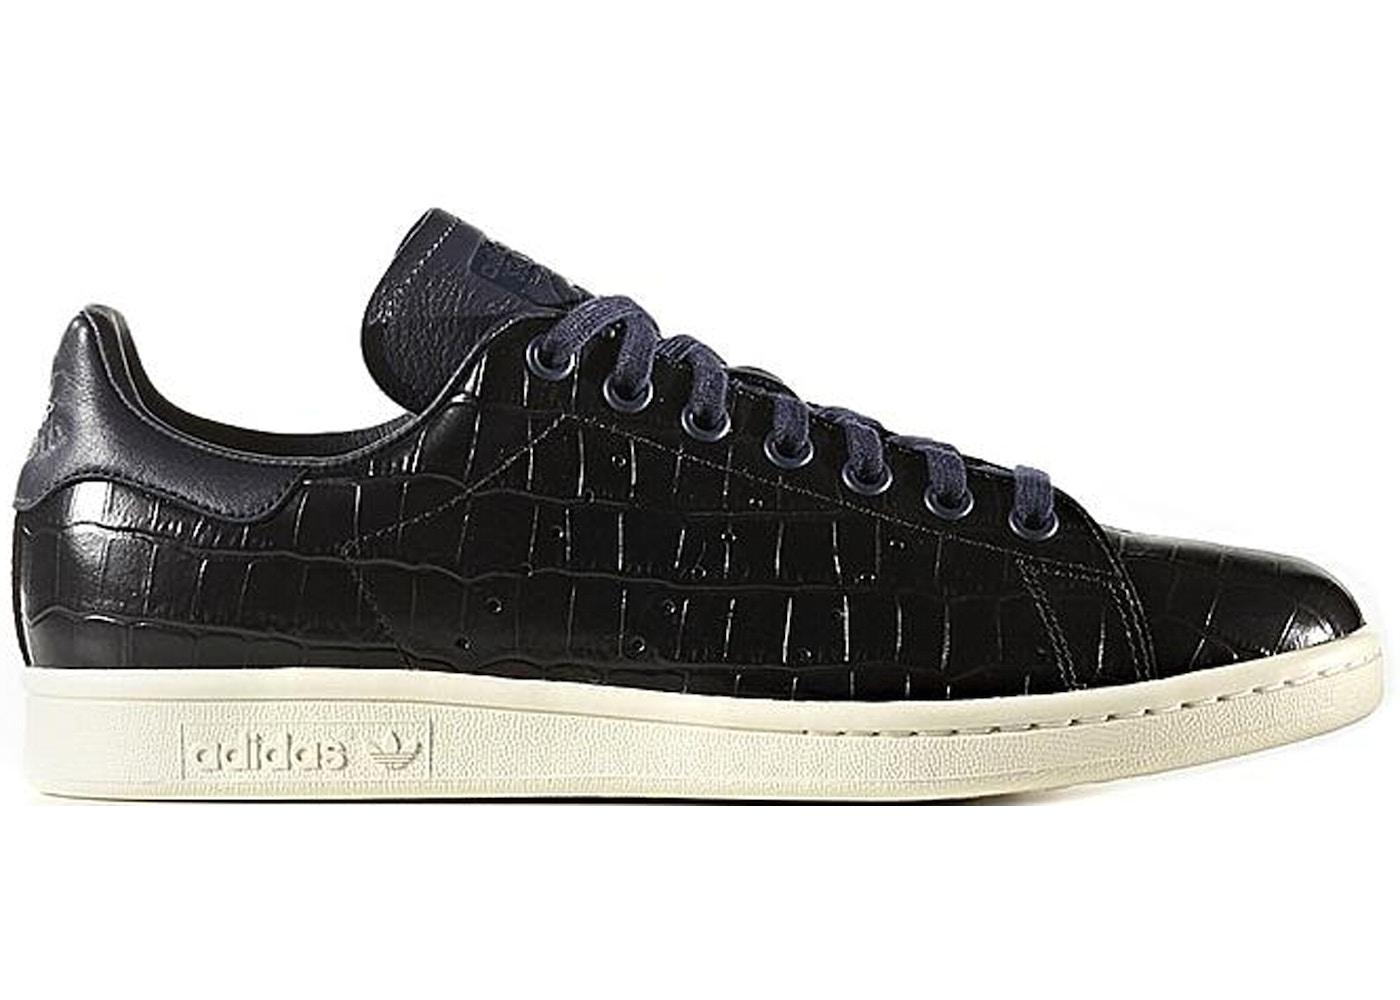 sélection premium 64378 0484e adidas Stan Smith Kicks Lab Croc Legend Ink - BZ0453